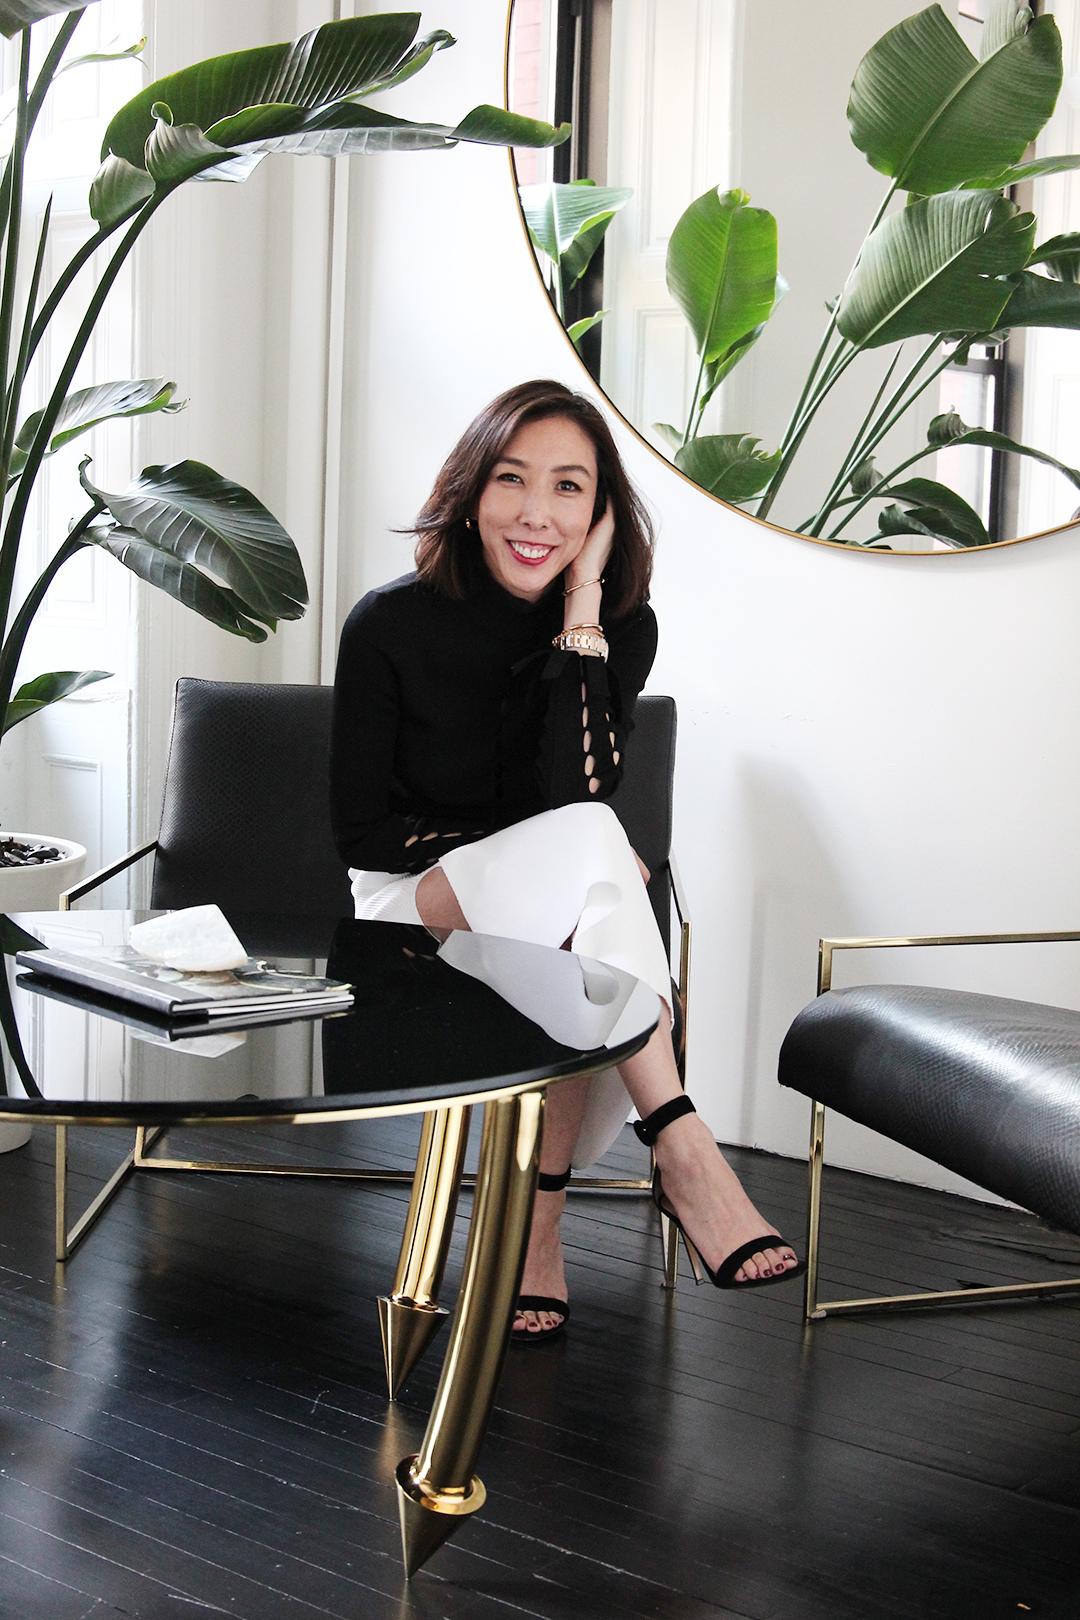 Vita Fede founder Cynthia Sakai